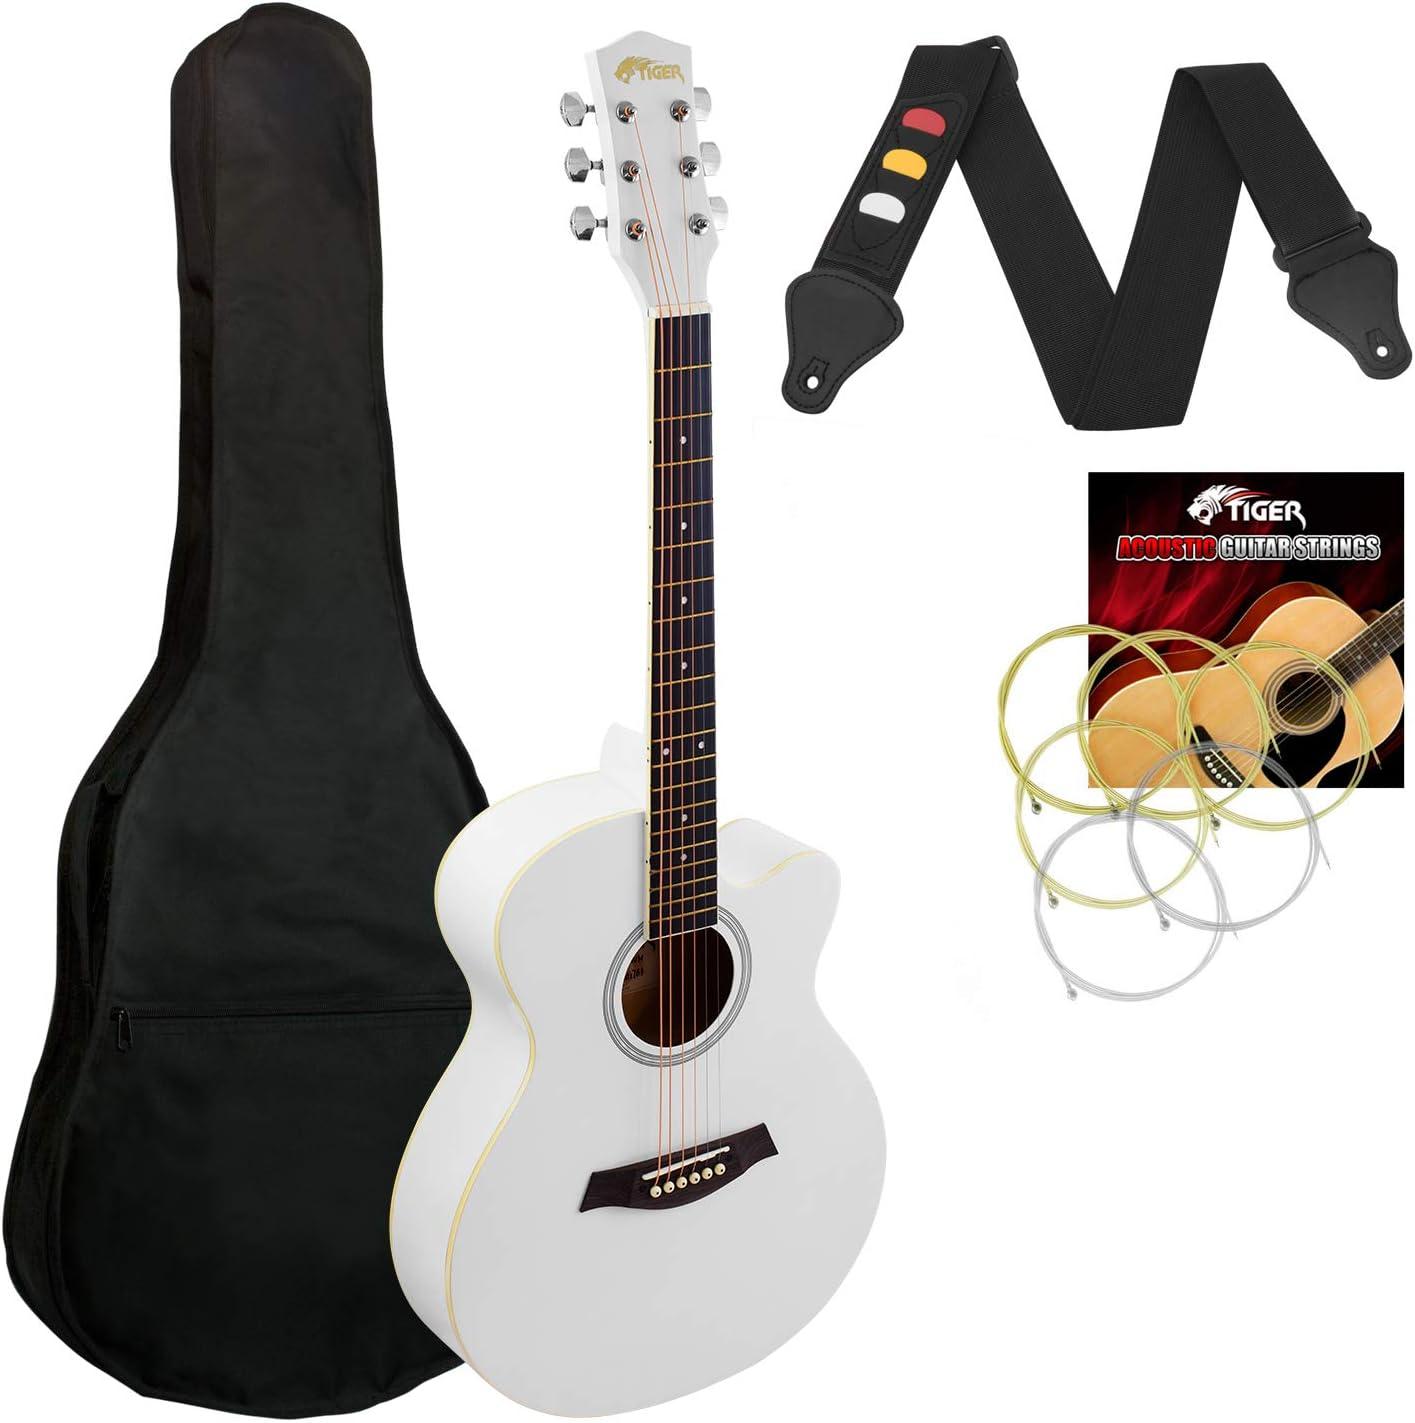 Tiger ACG1-WH Guitarra acústica de cuerpo pequeño con cuerdas de acero para principiantes - Blanco